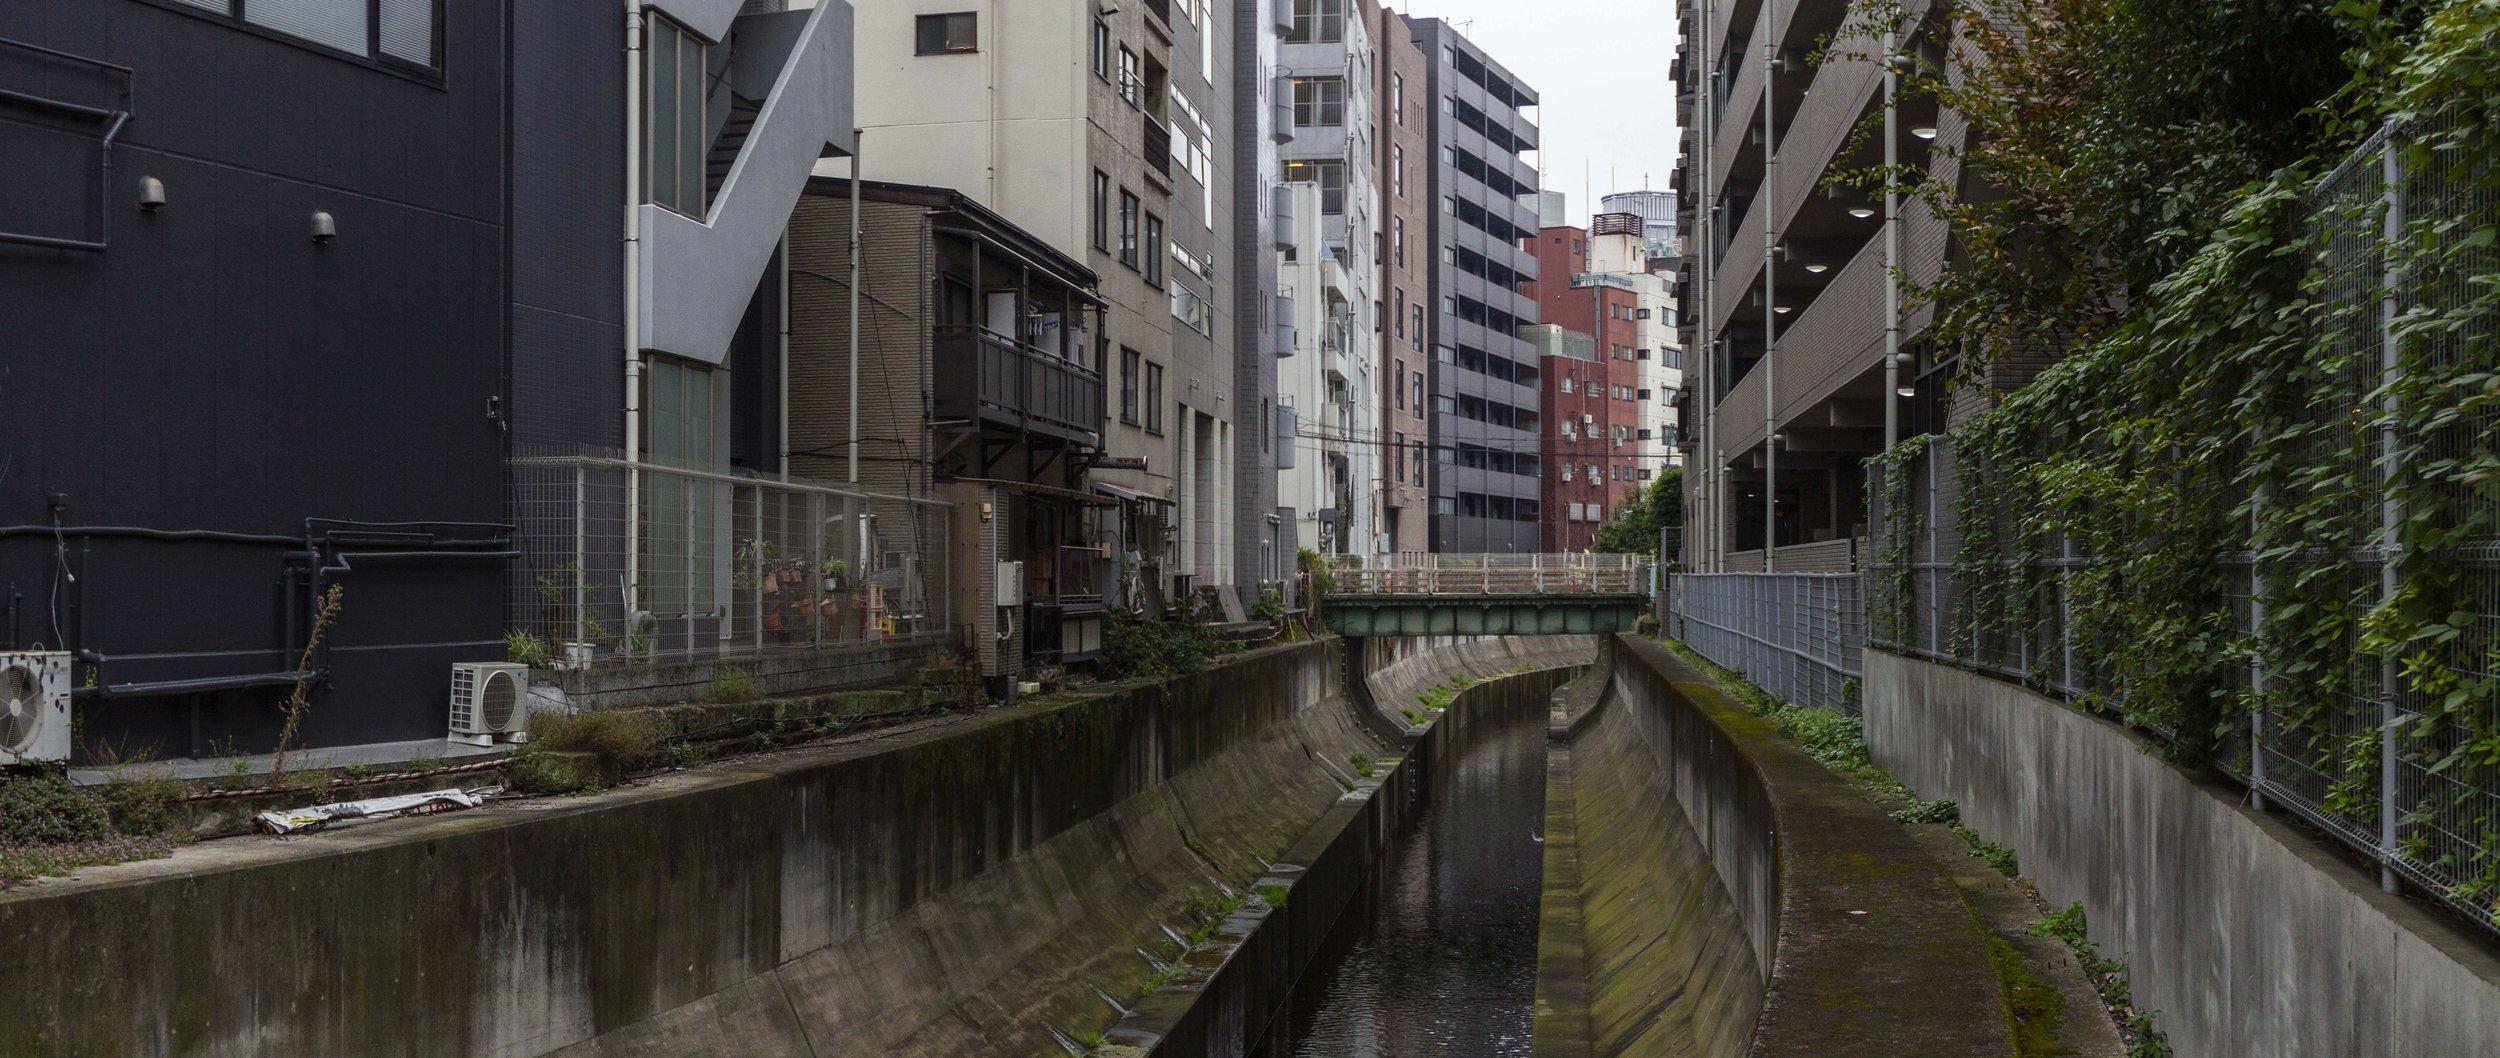 Shibuya Stream in Tokyo